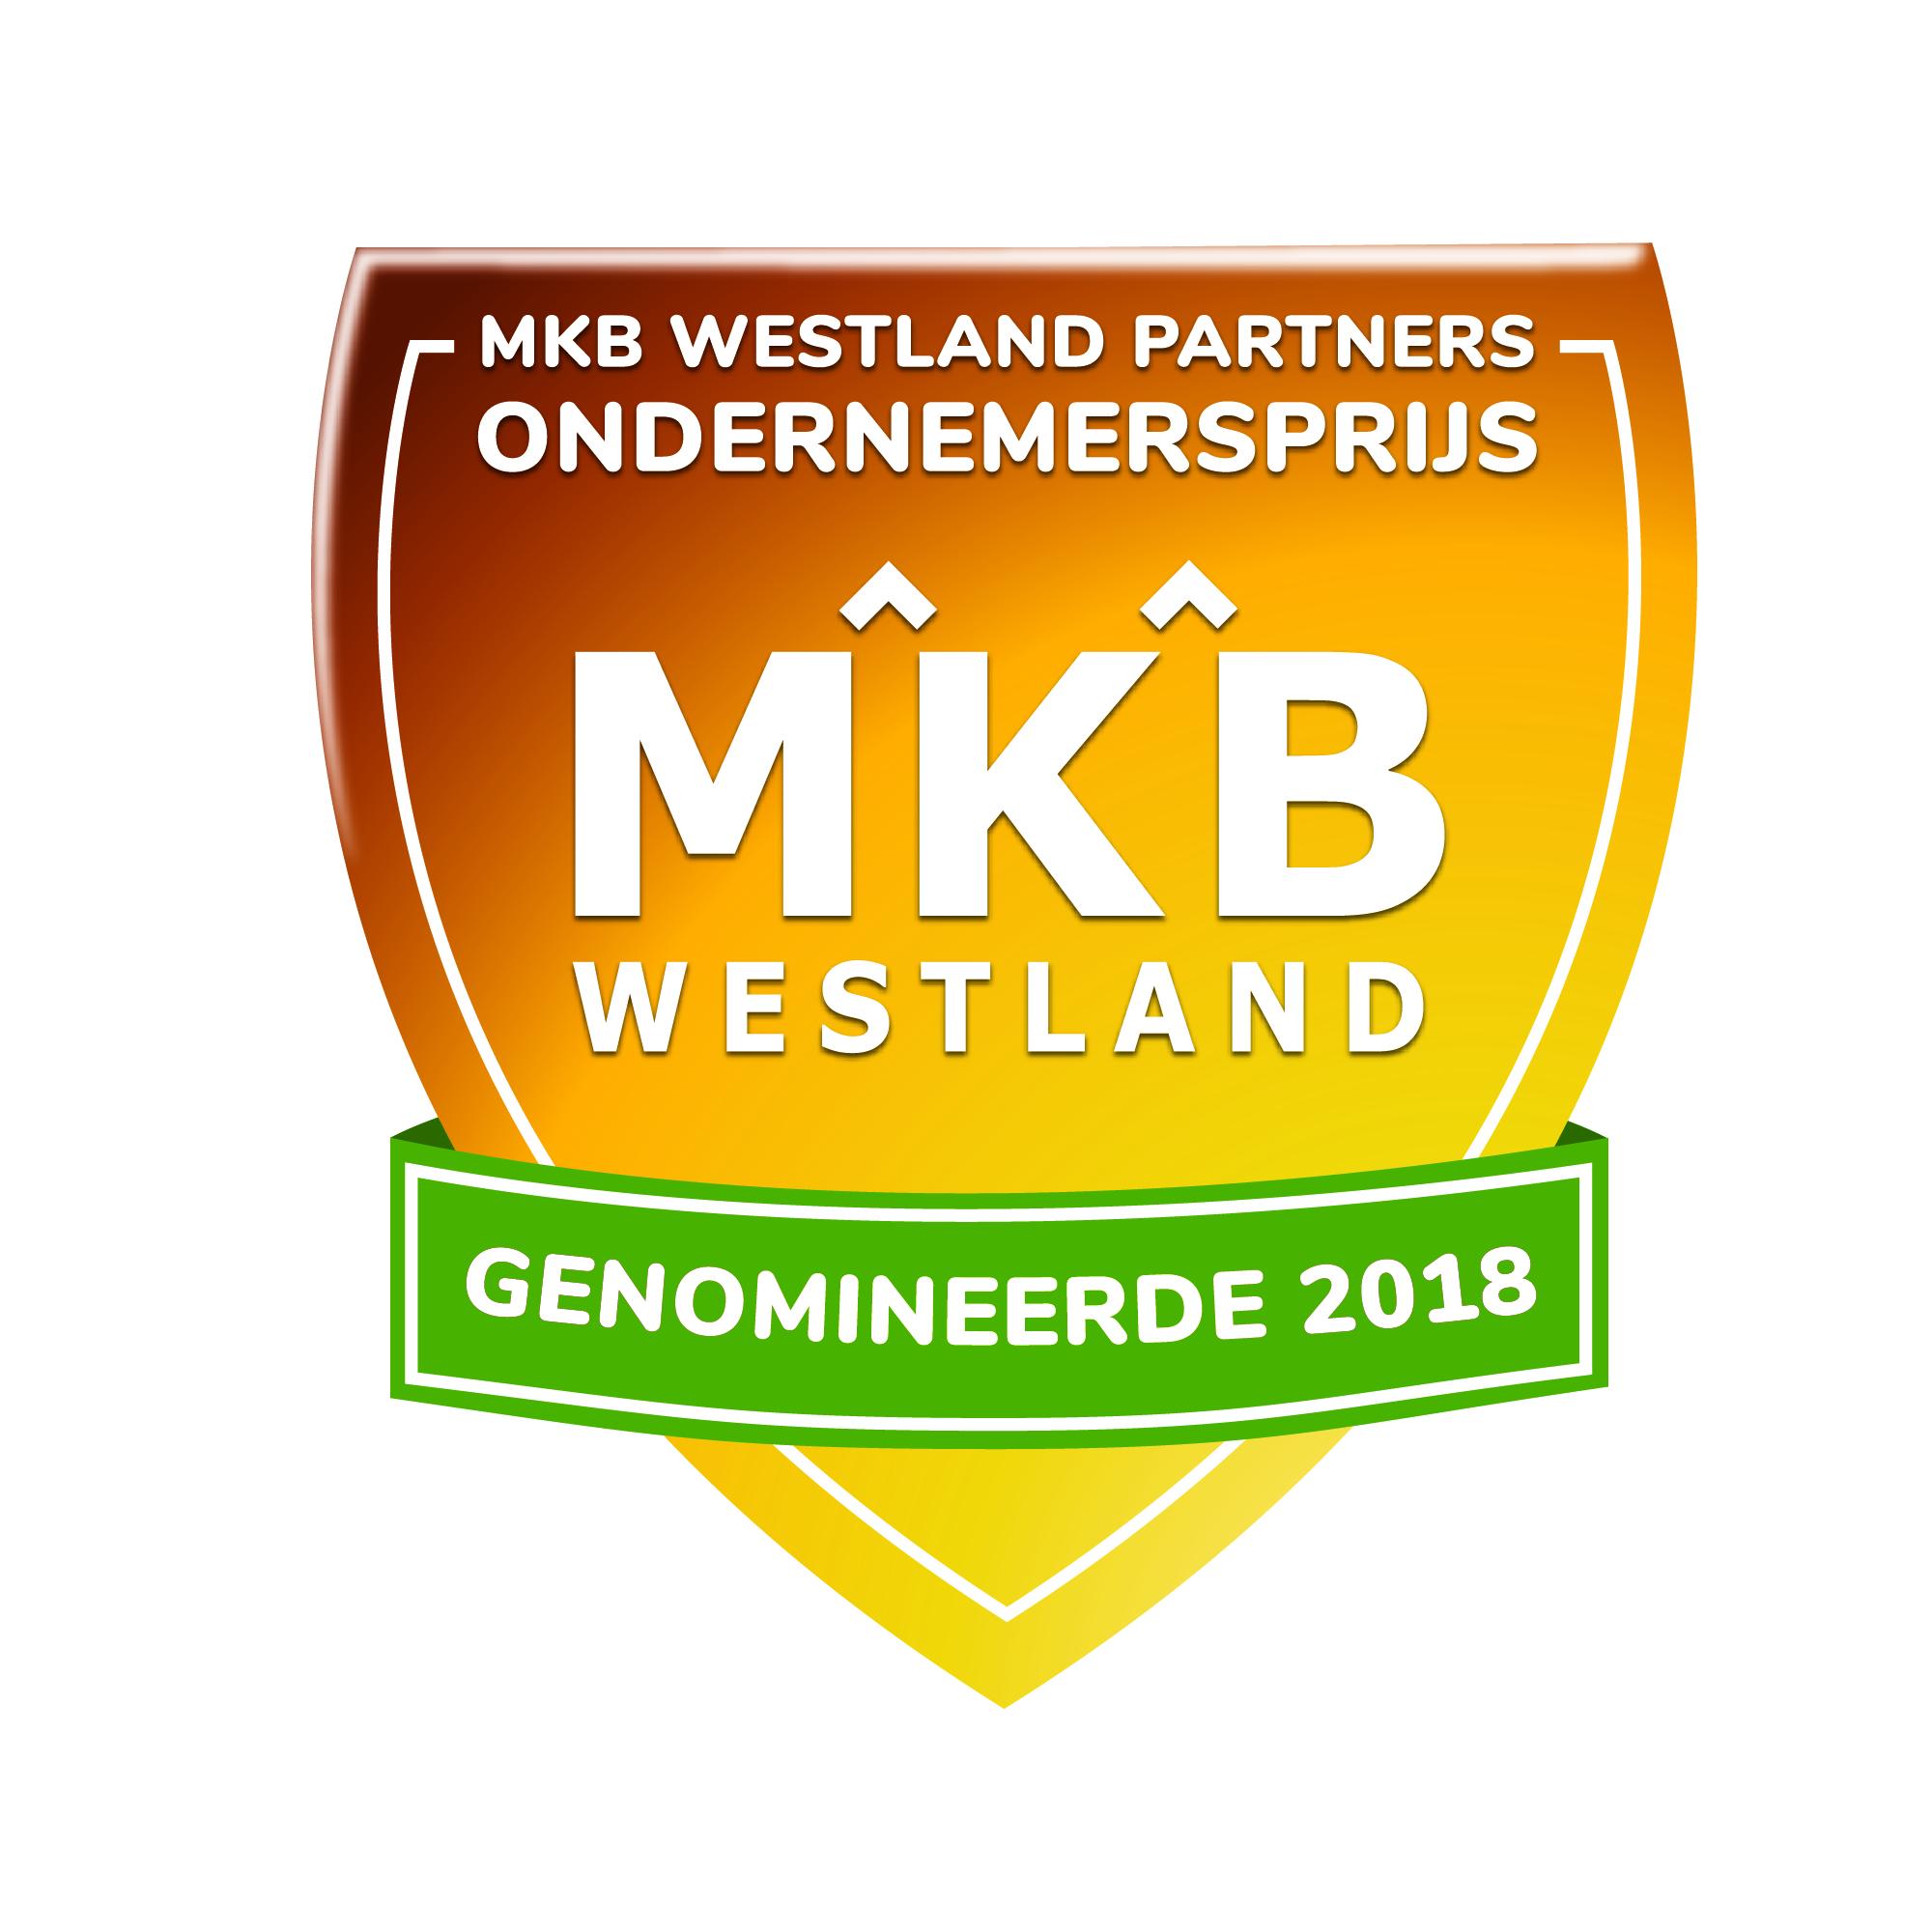 MKB-Genomineerd 2018